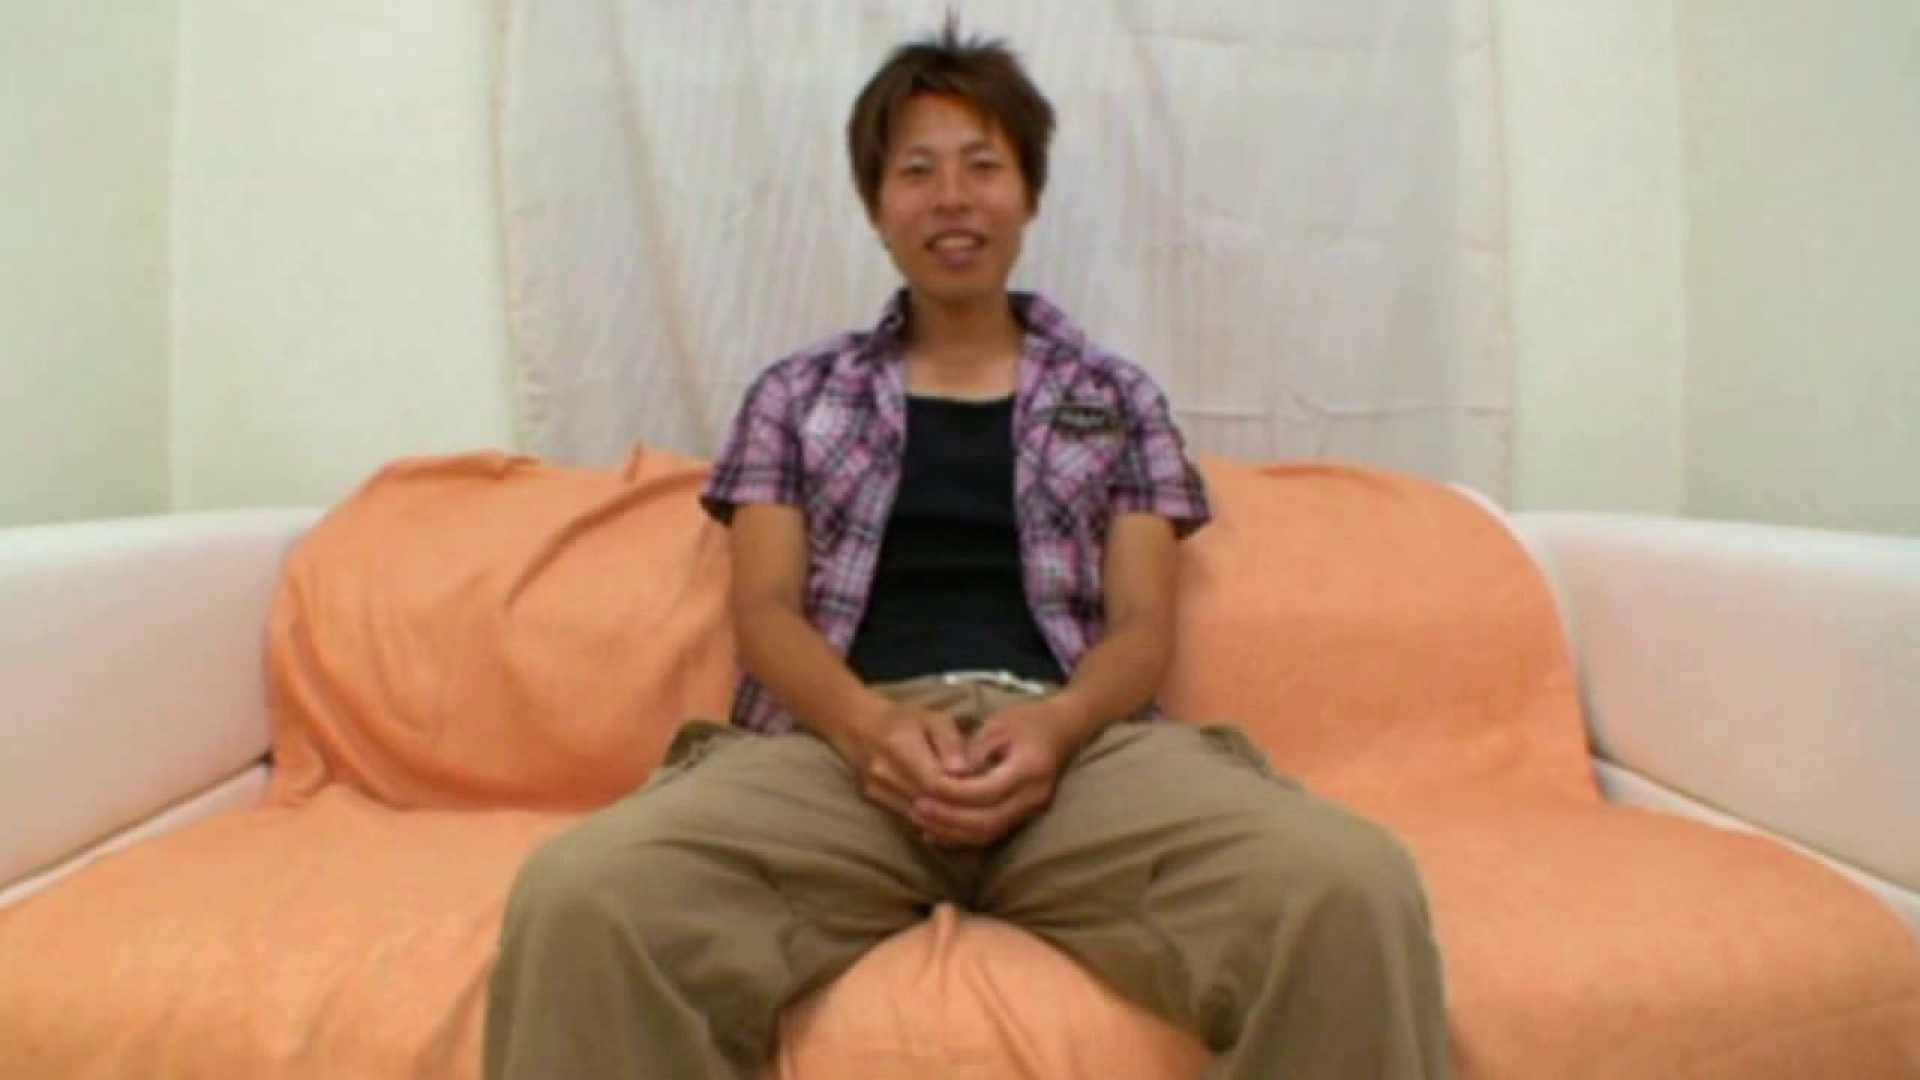 ノンケ!自慰スタジオ No.10 オナニー アダルトビデオ画像キャプチャ 113枚 70